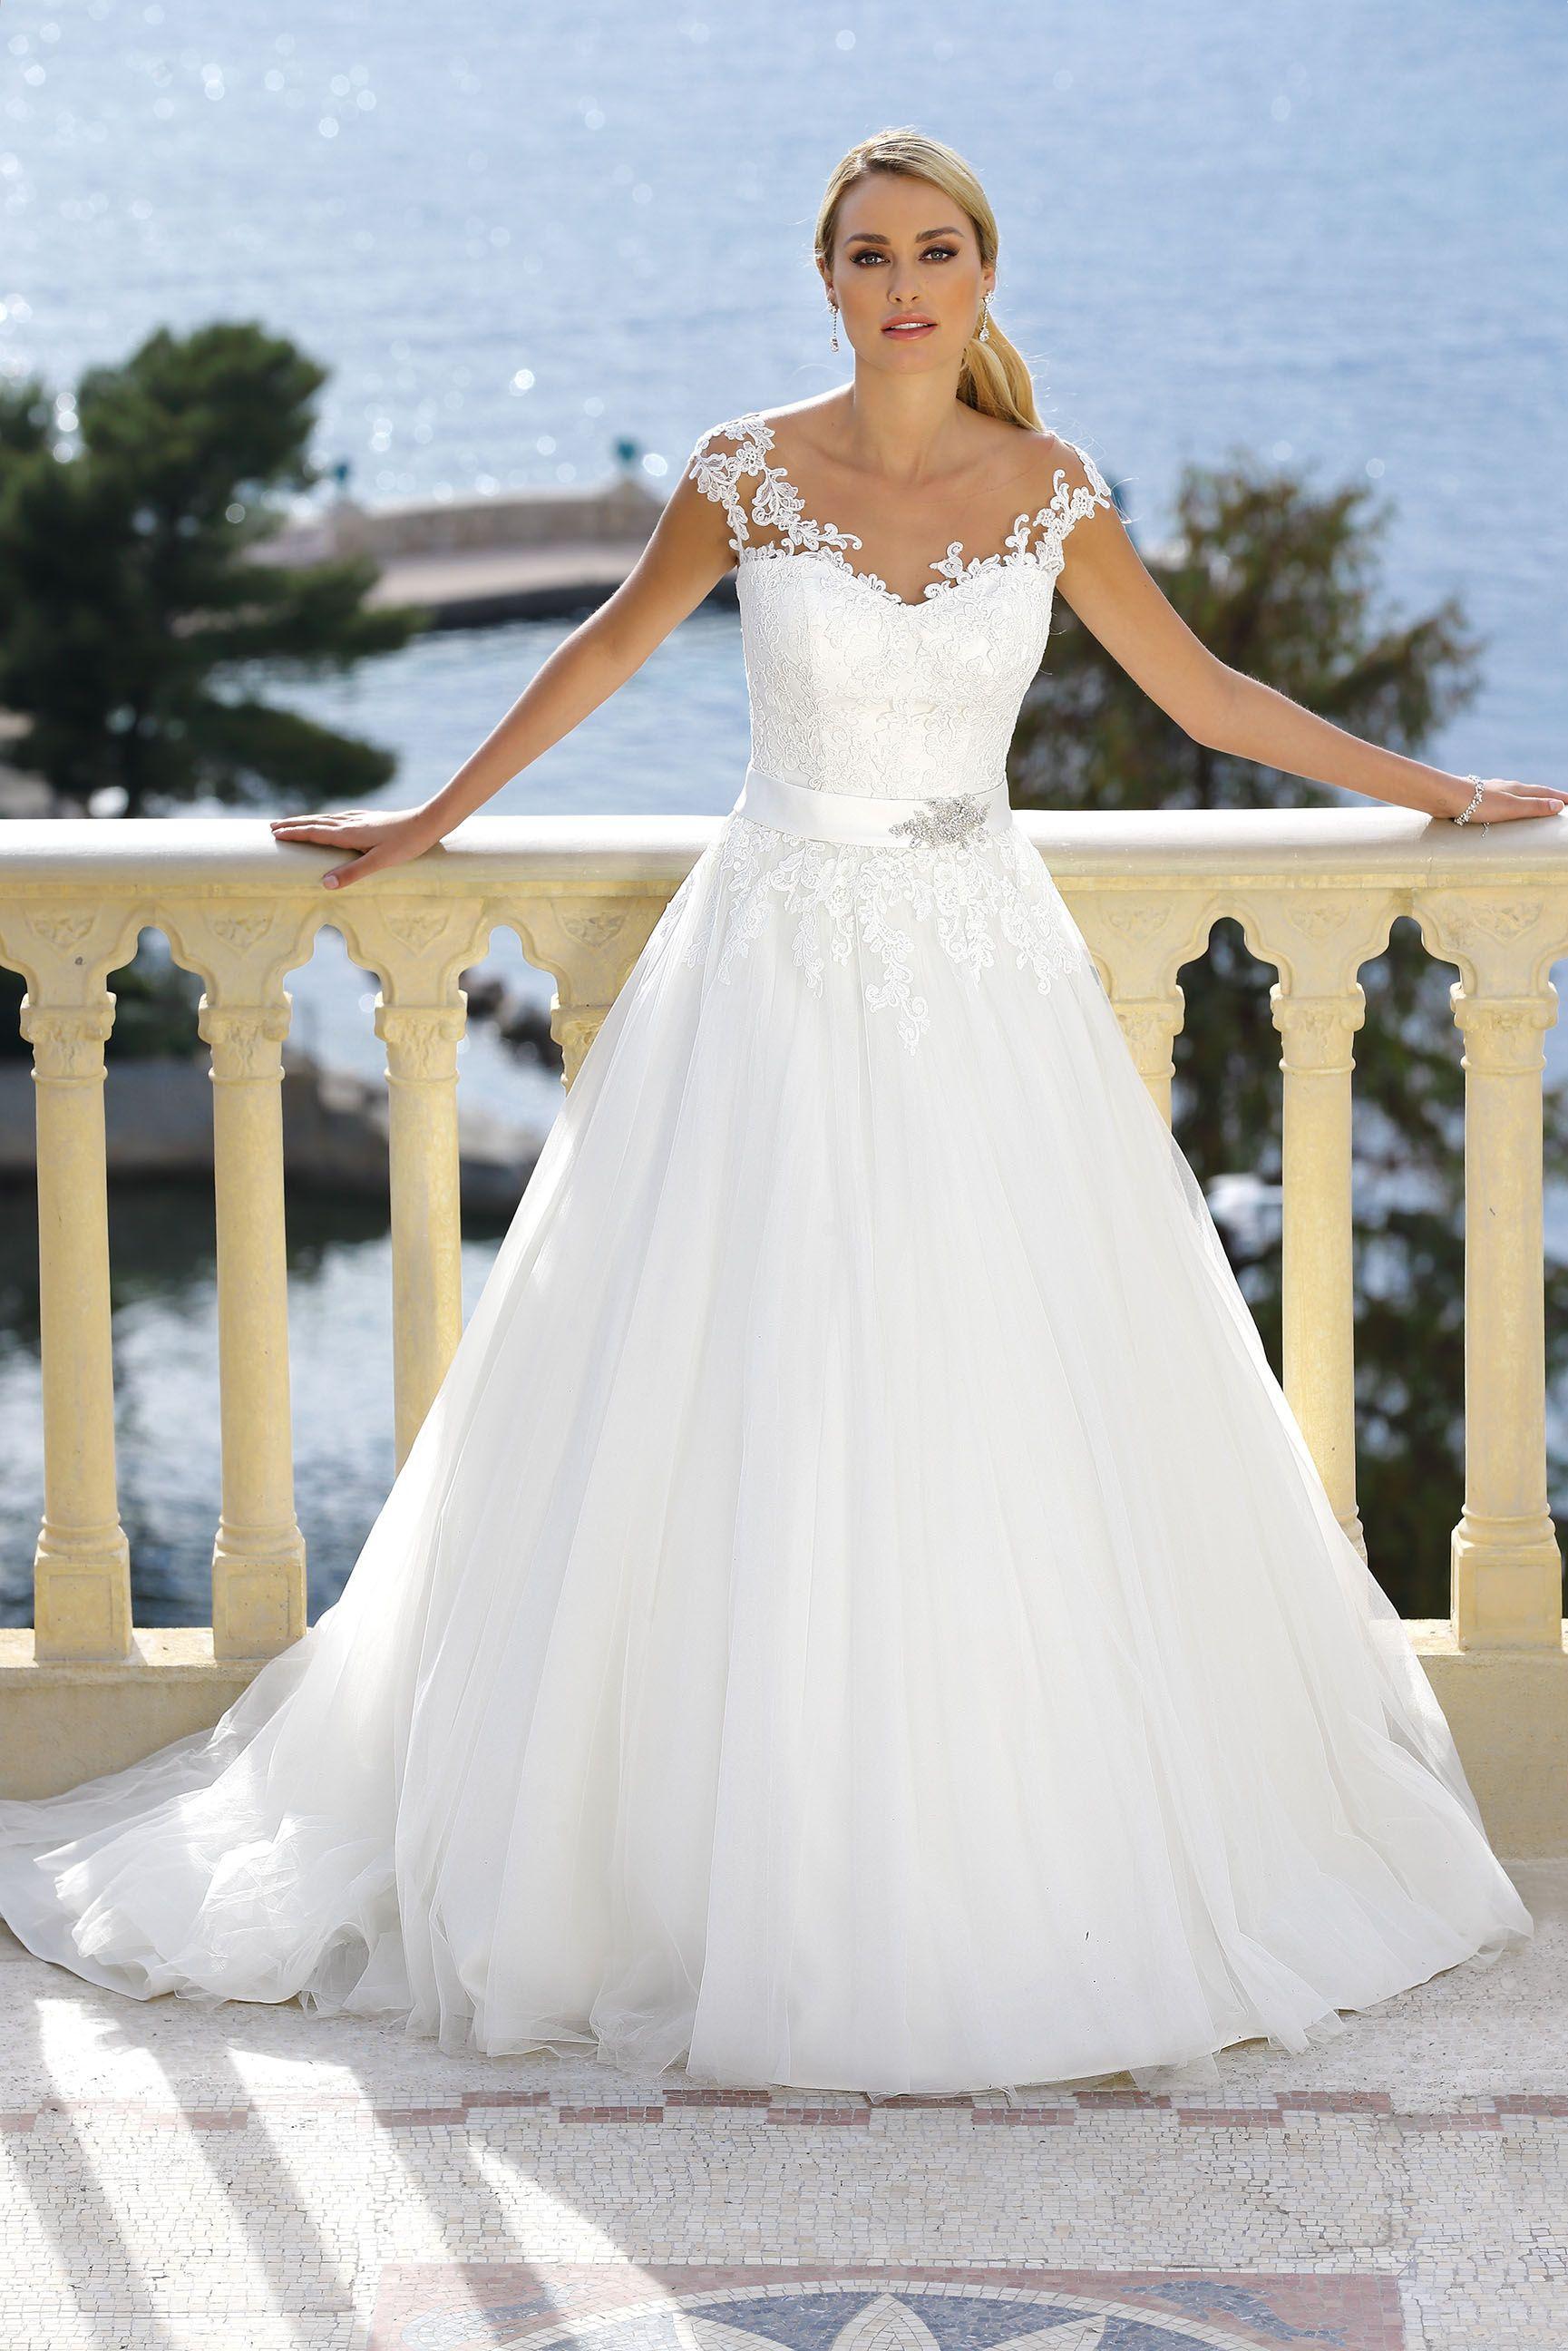 Tolle Hochzeitskleid Shopping Galerie - Brautkleider Ideen ...